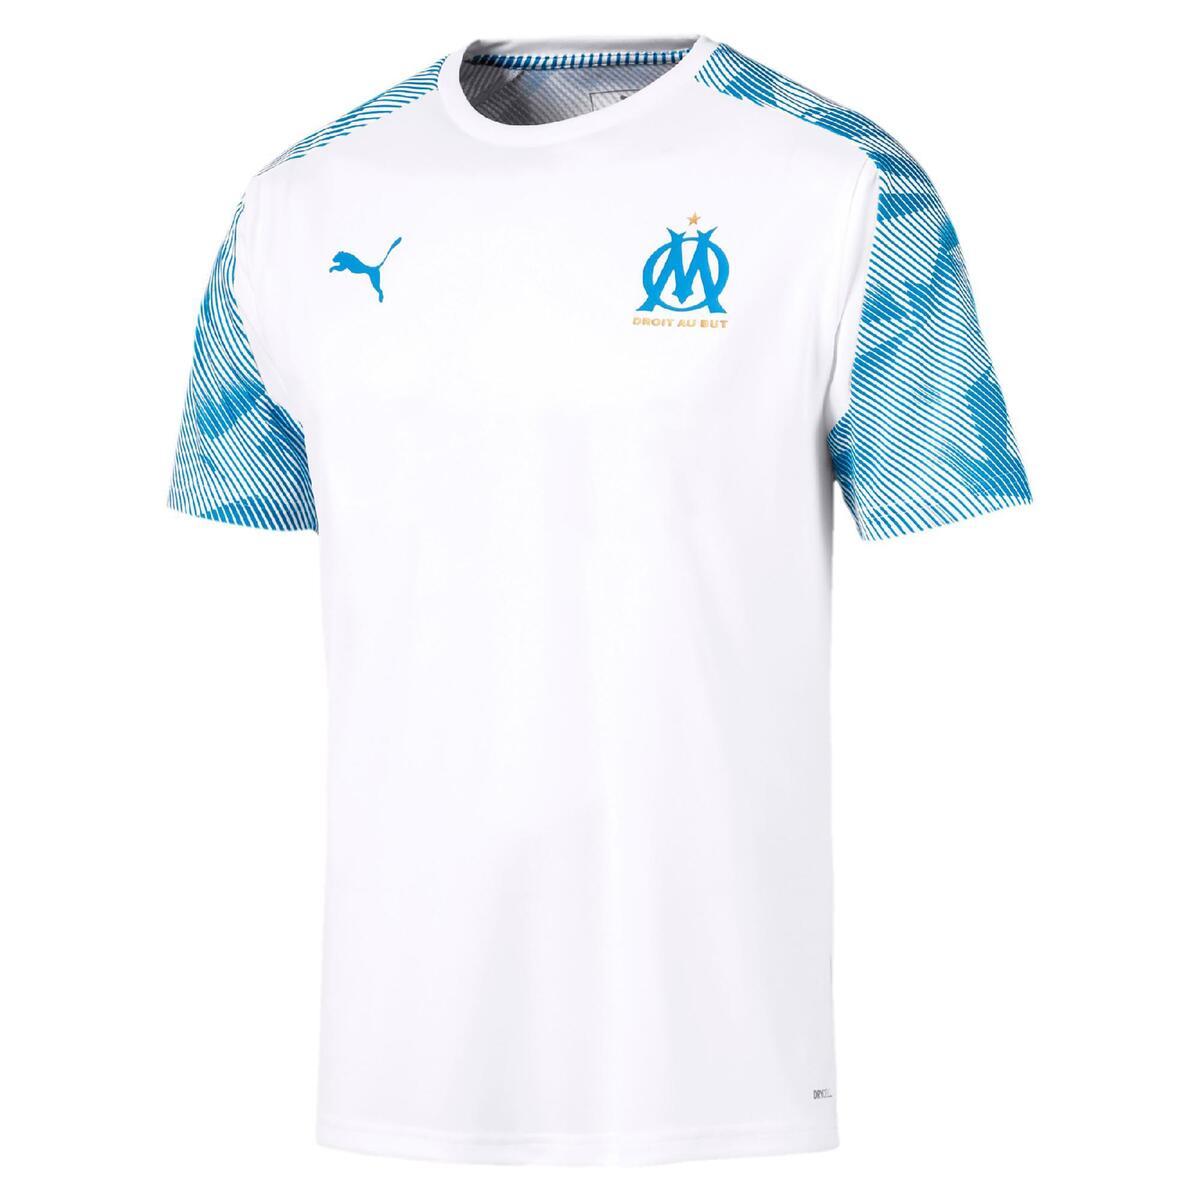 Bild 1 von Fussballtrikot Olympique de Marseille Kinder